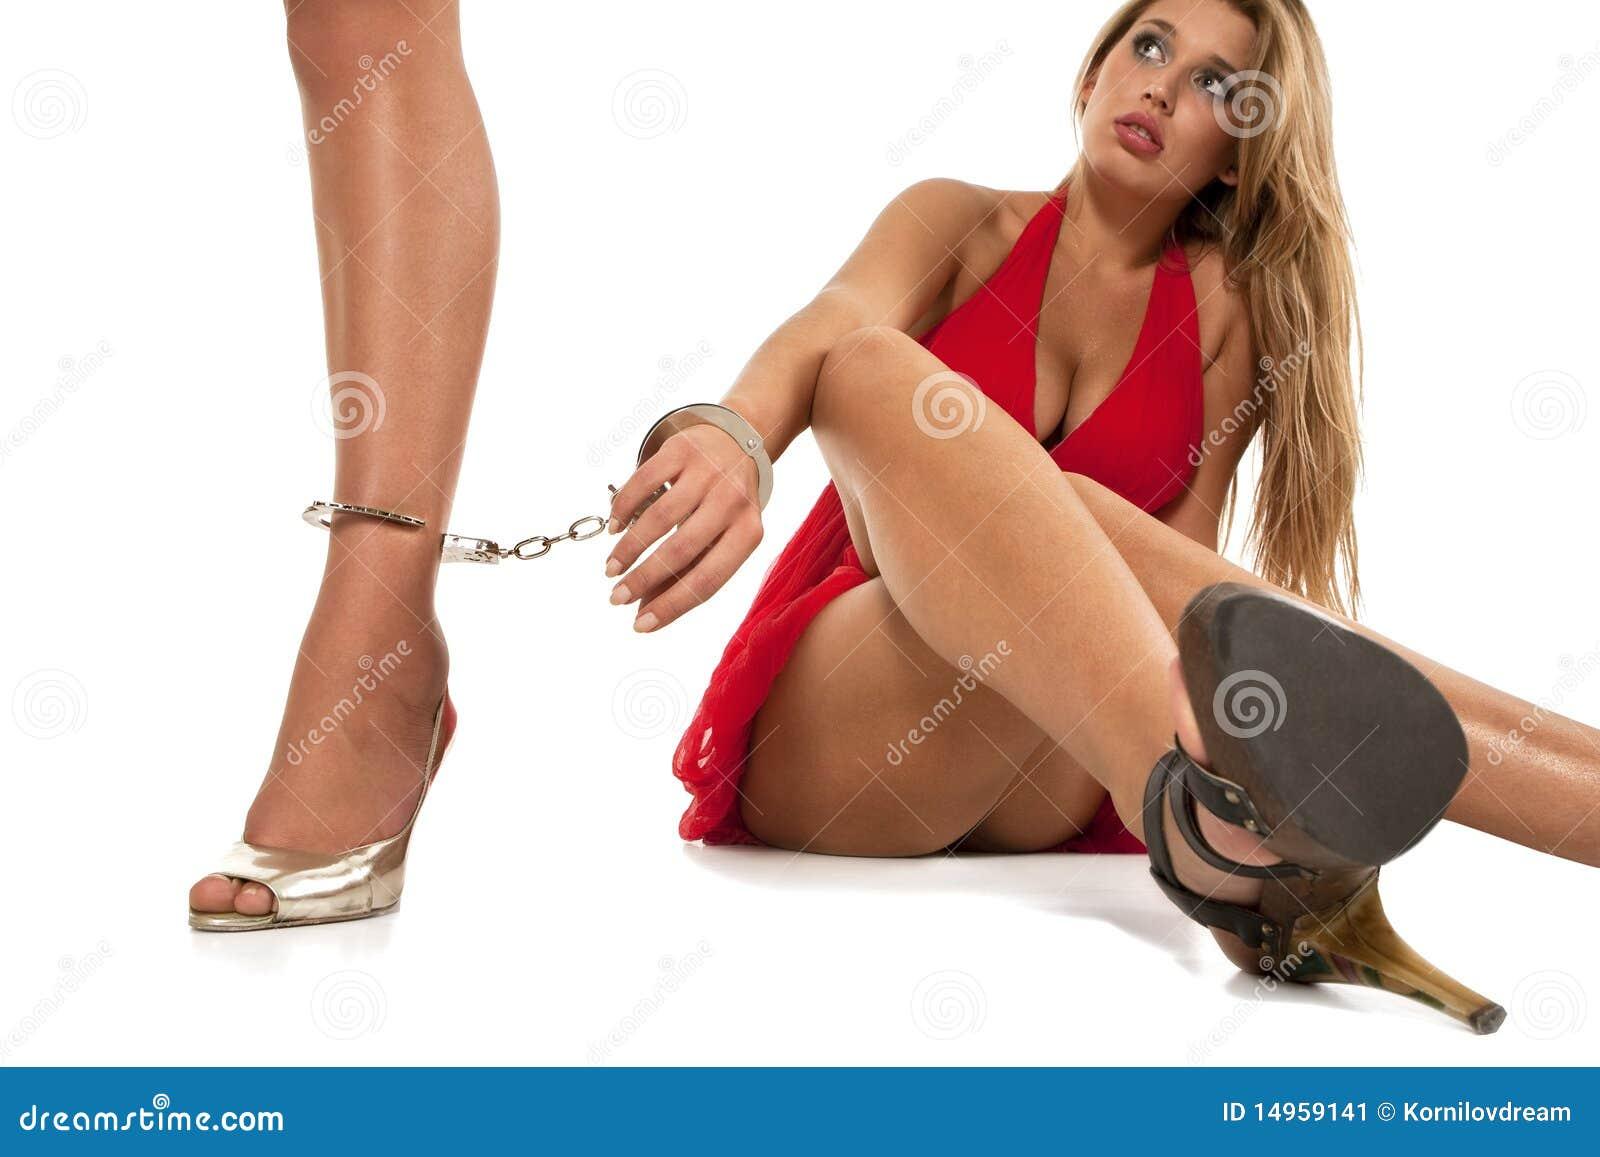 Бесплатные фото женщин связанных в наручниках фото 172-554